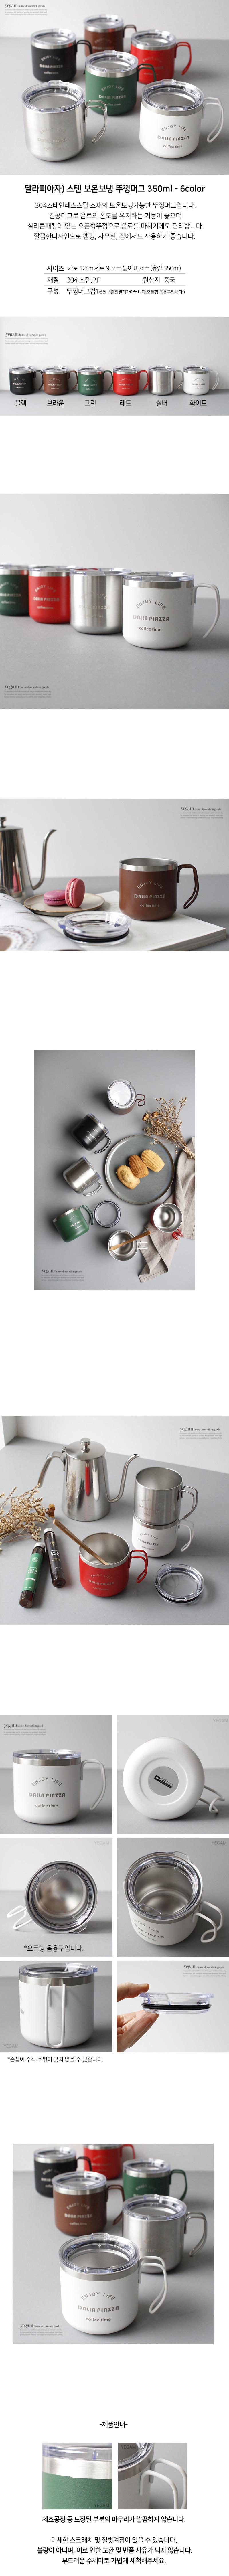 DS-달라피아자 스텐 보온 보냉 뚜껑 머그컵 텀블러 6color - 리빙톡톡, 14,800원, 보틀/텀블러, 스테인레스 텀블러